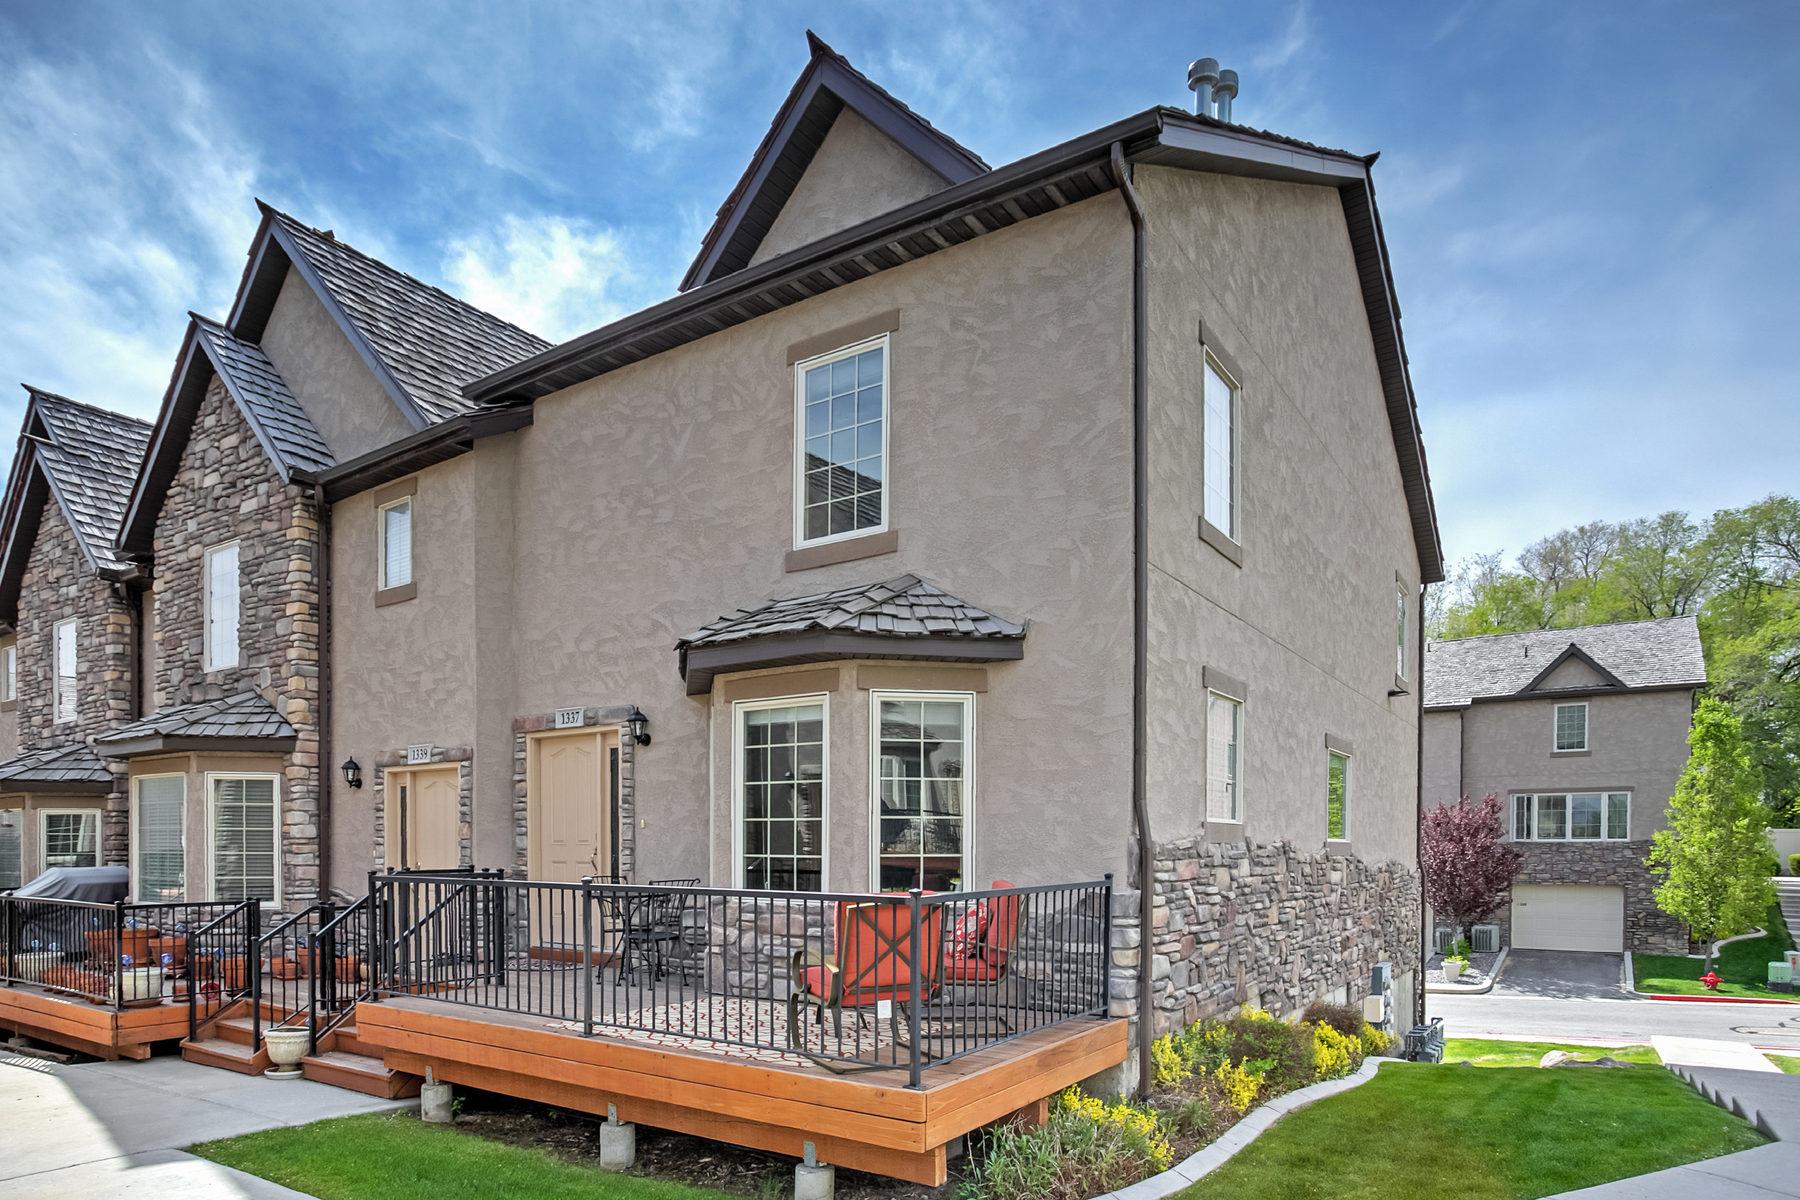 联栋屋 为 销售 在 Beautiful Holladay Townhouse 1337 Lake Springs Ln 霍拉迪, 犹他州, 84117 美国